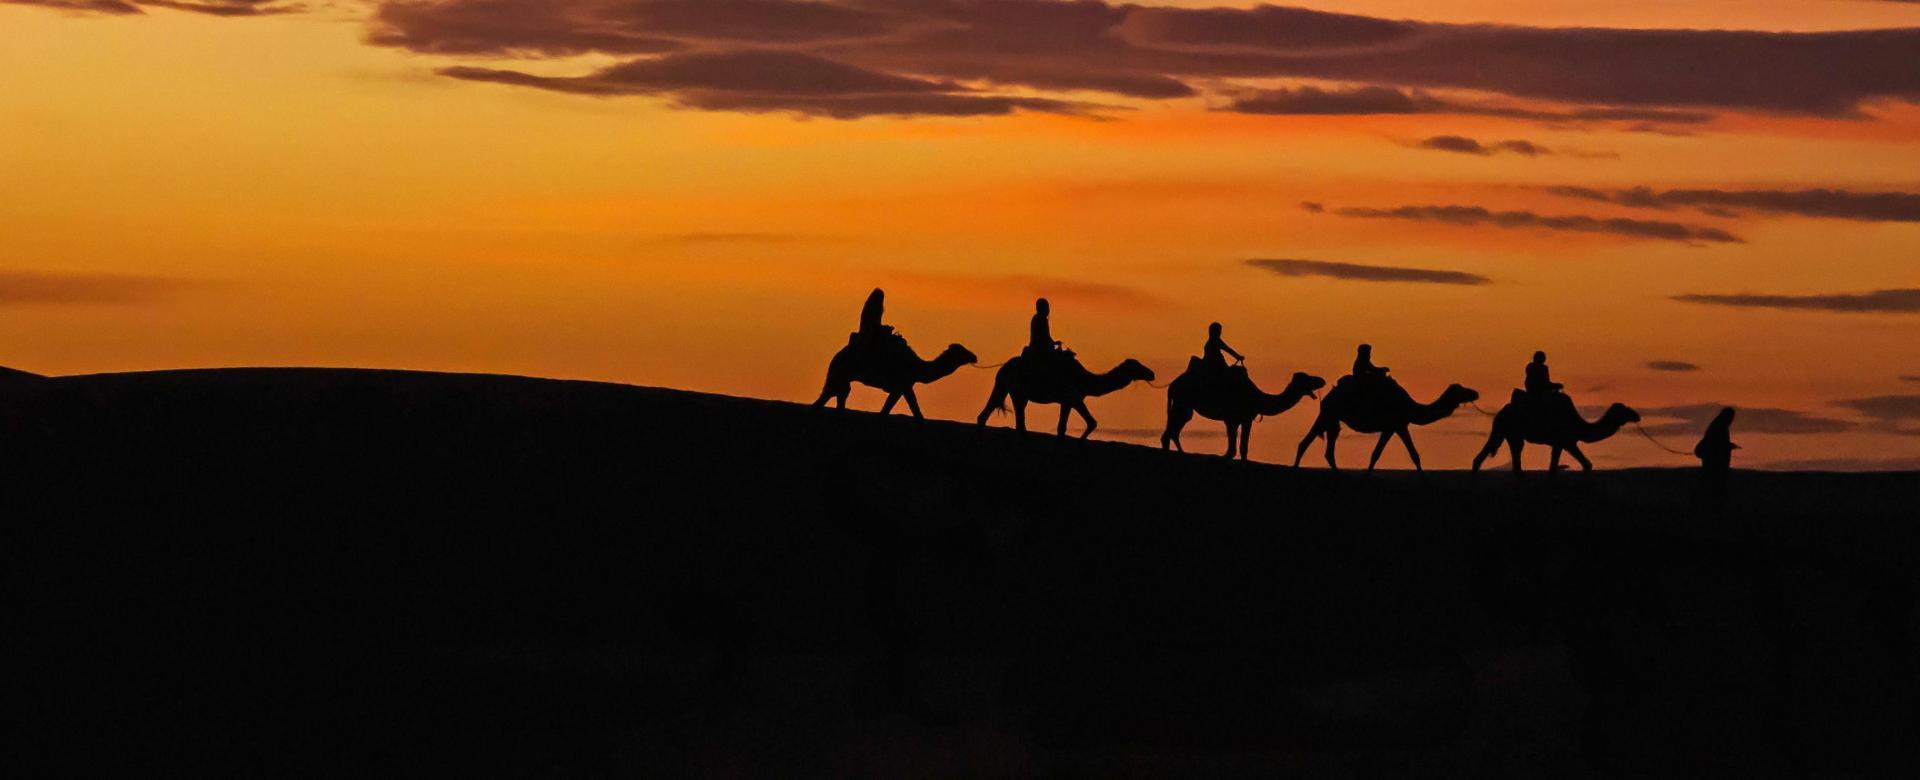 Voyage avec des animaux : Nomades du désert